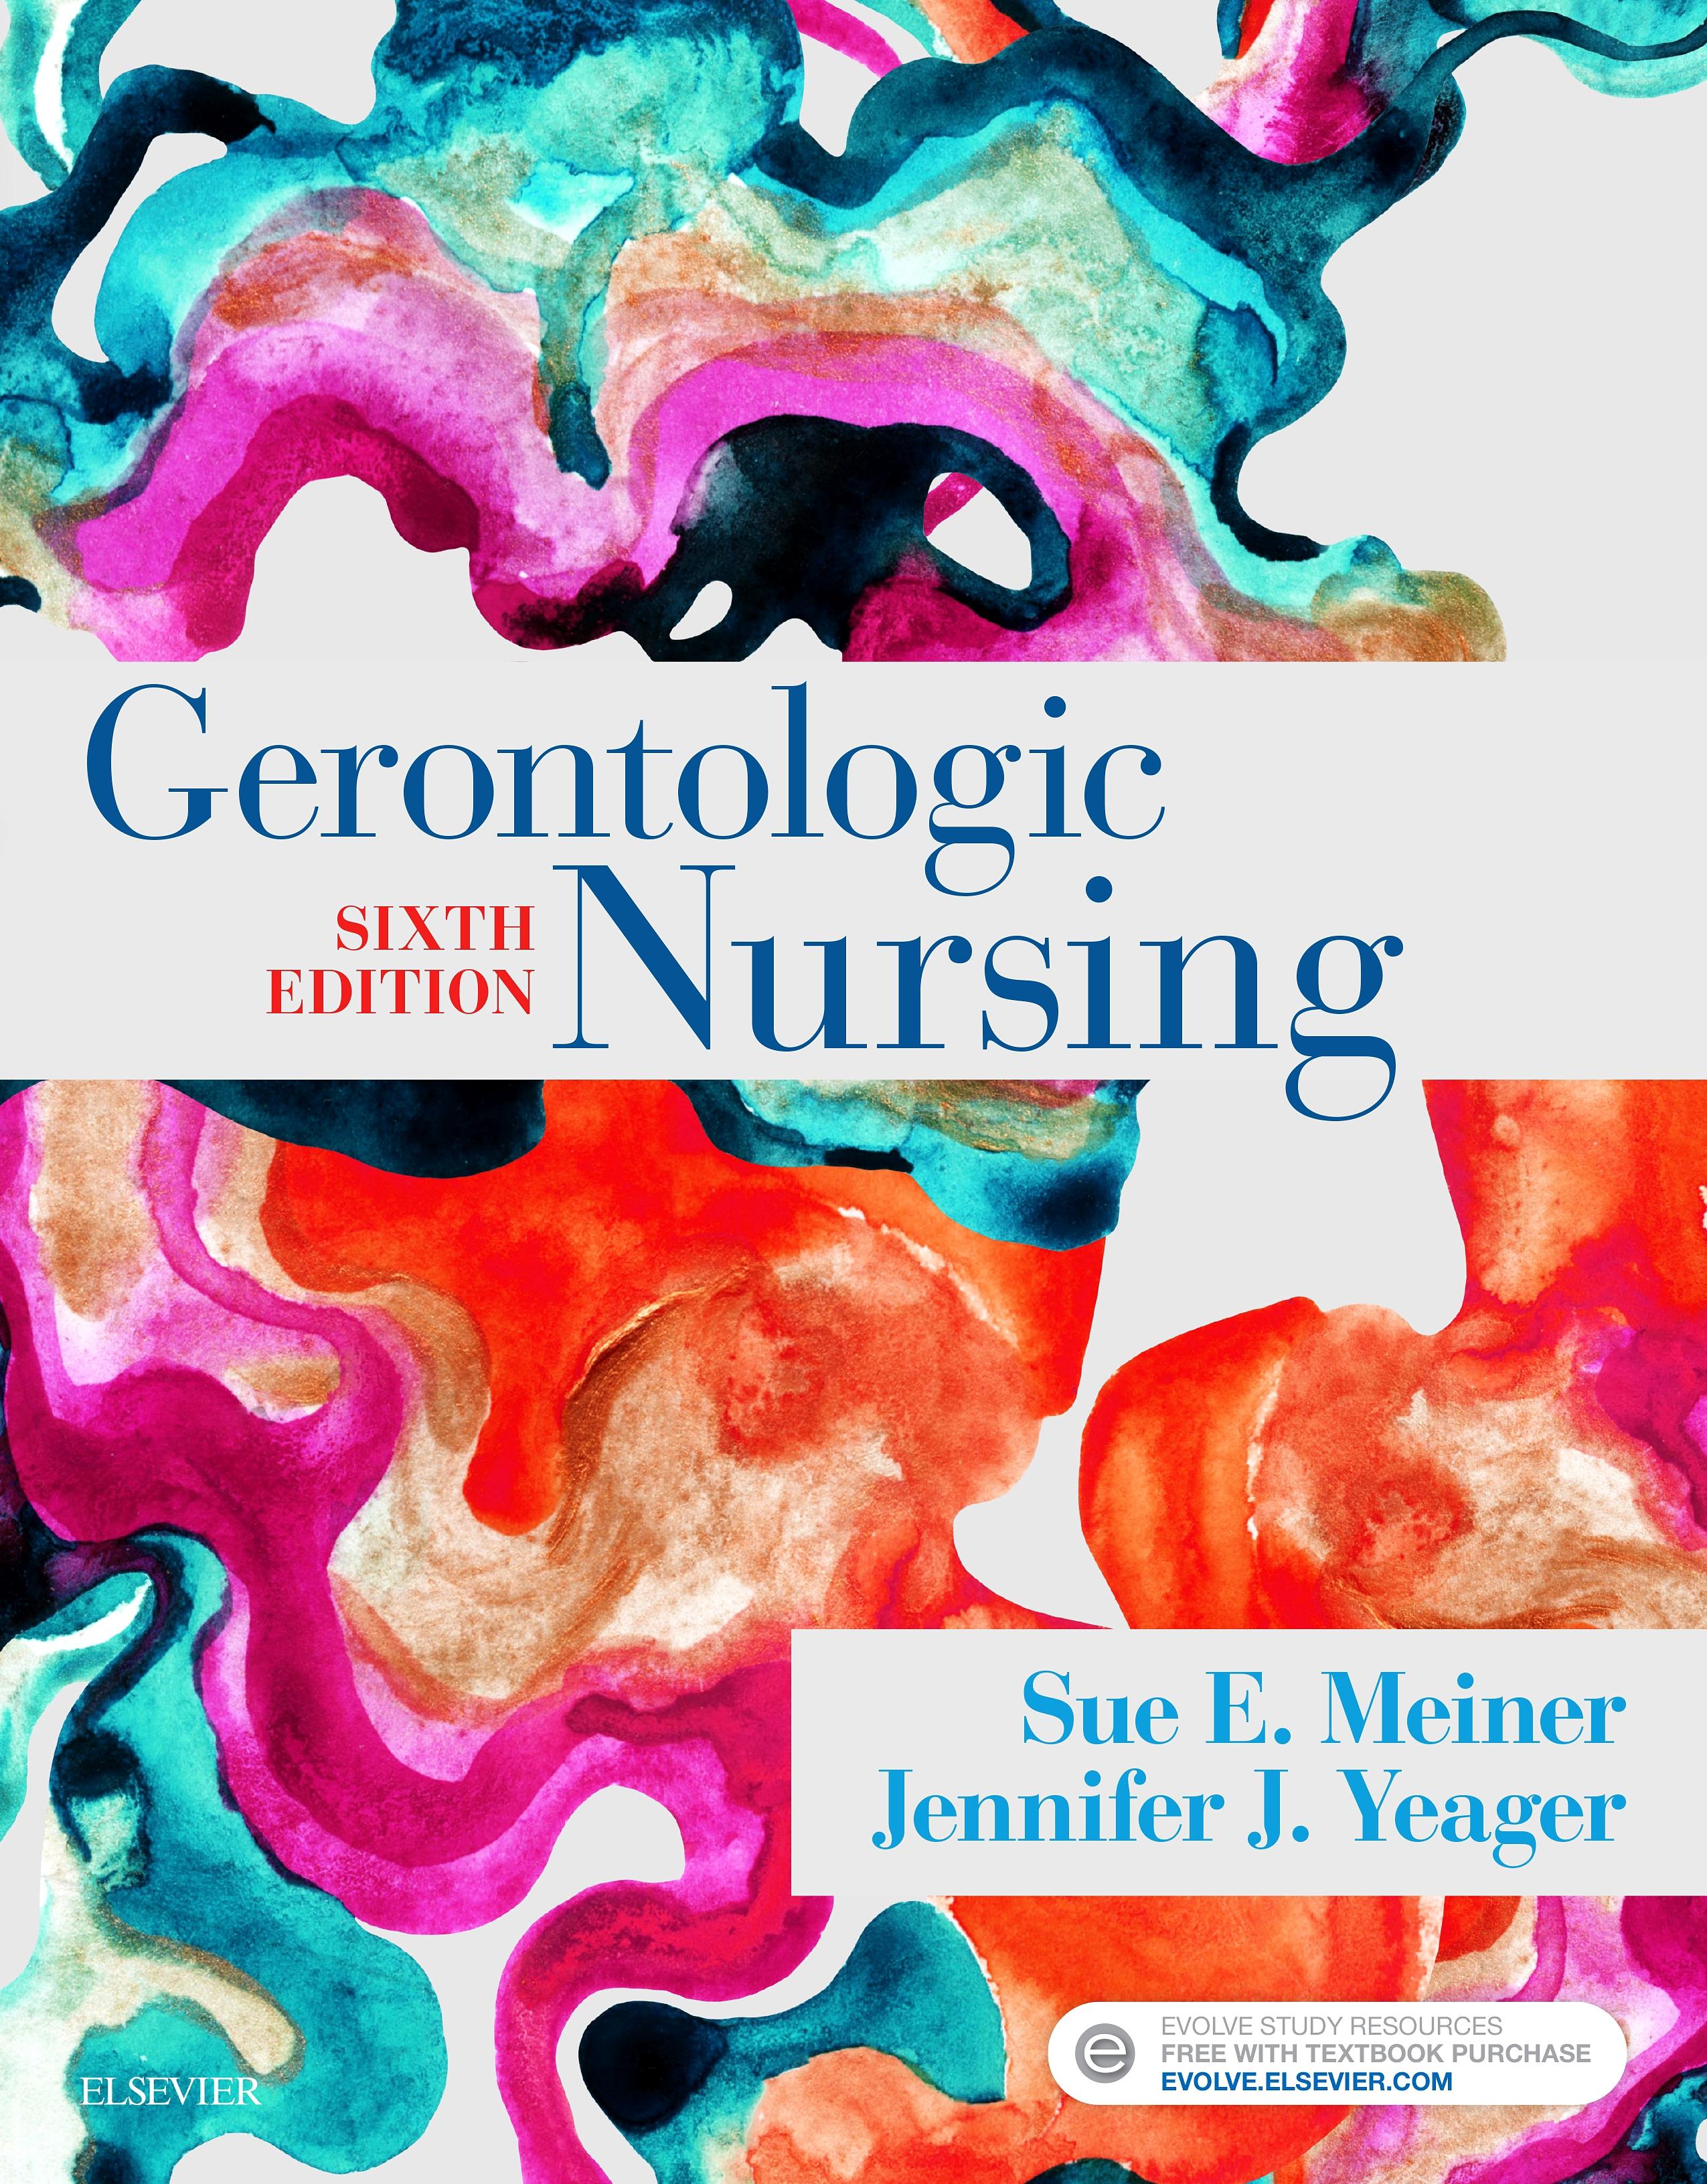 Evolve Resources for Gerontologic Nursing, 6th Edition